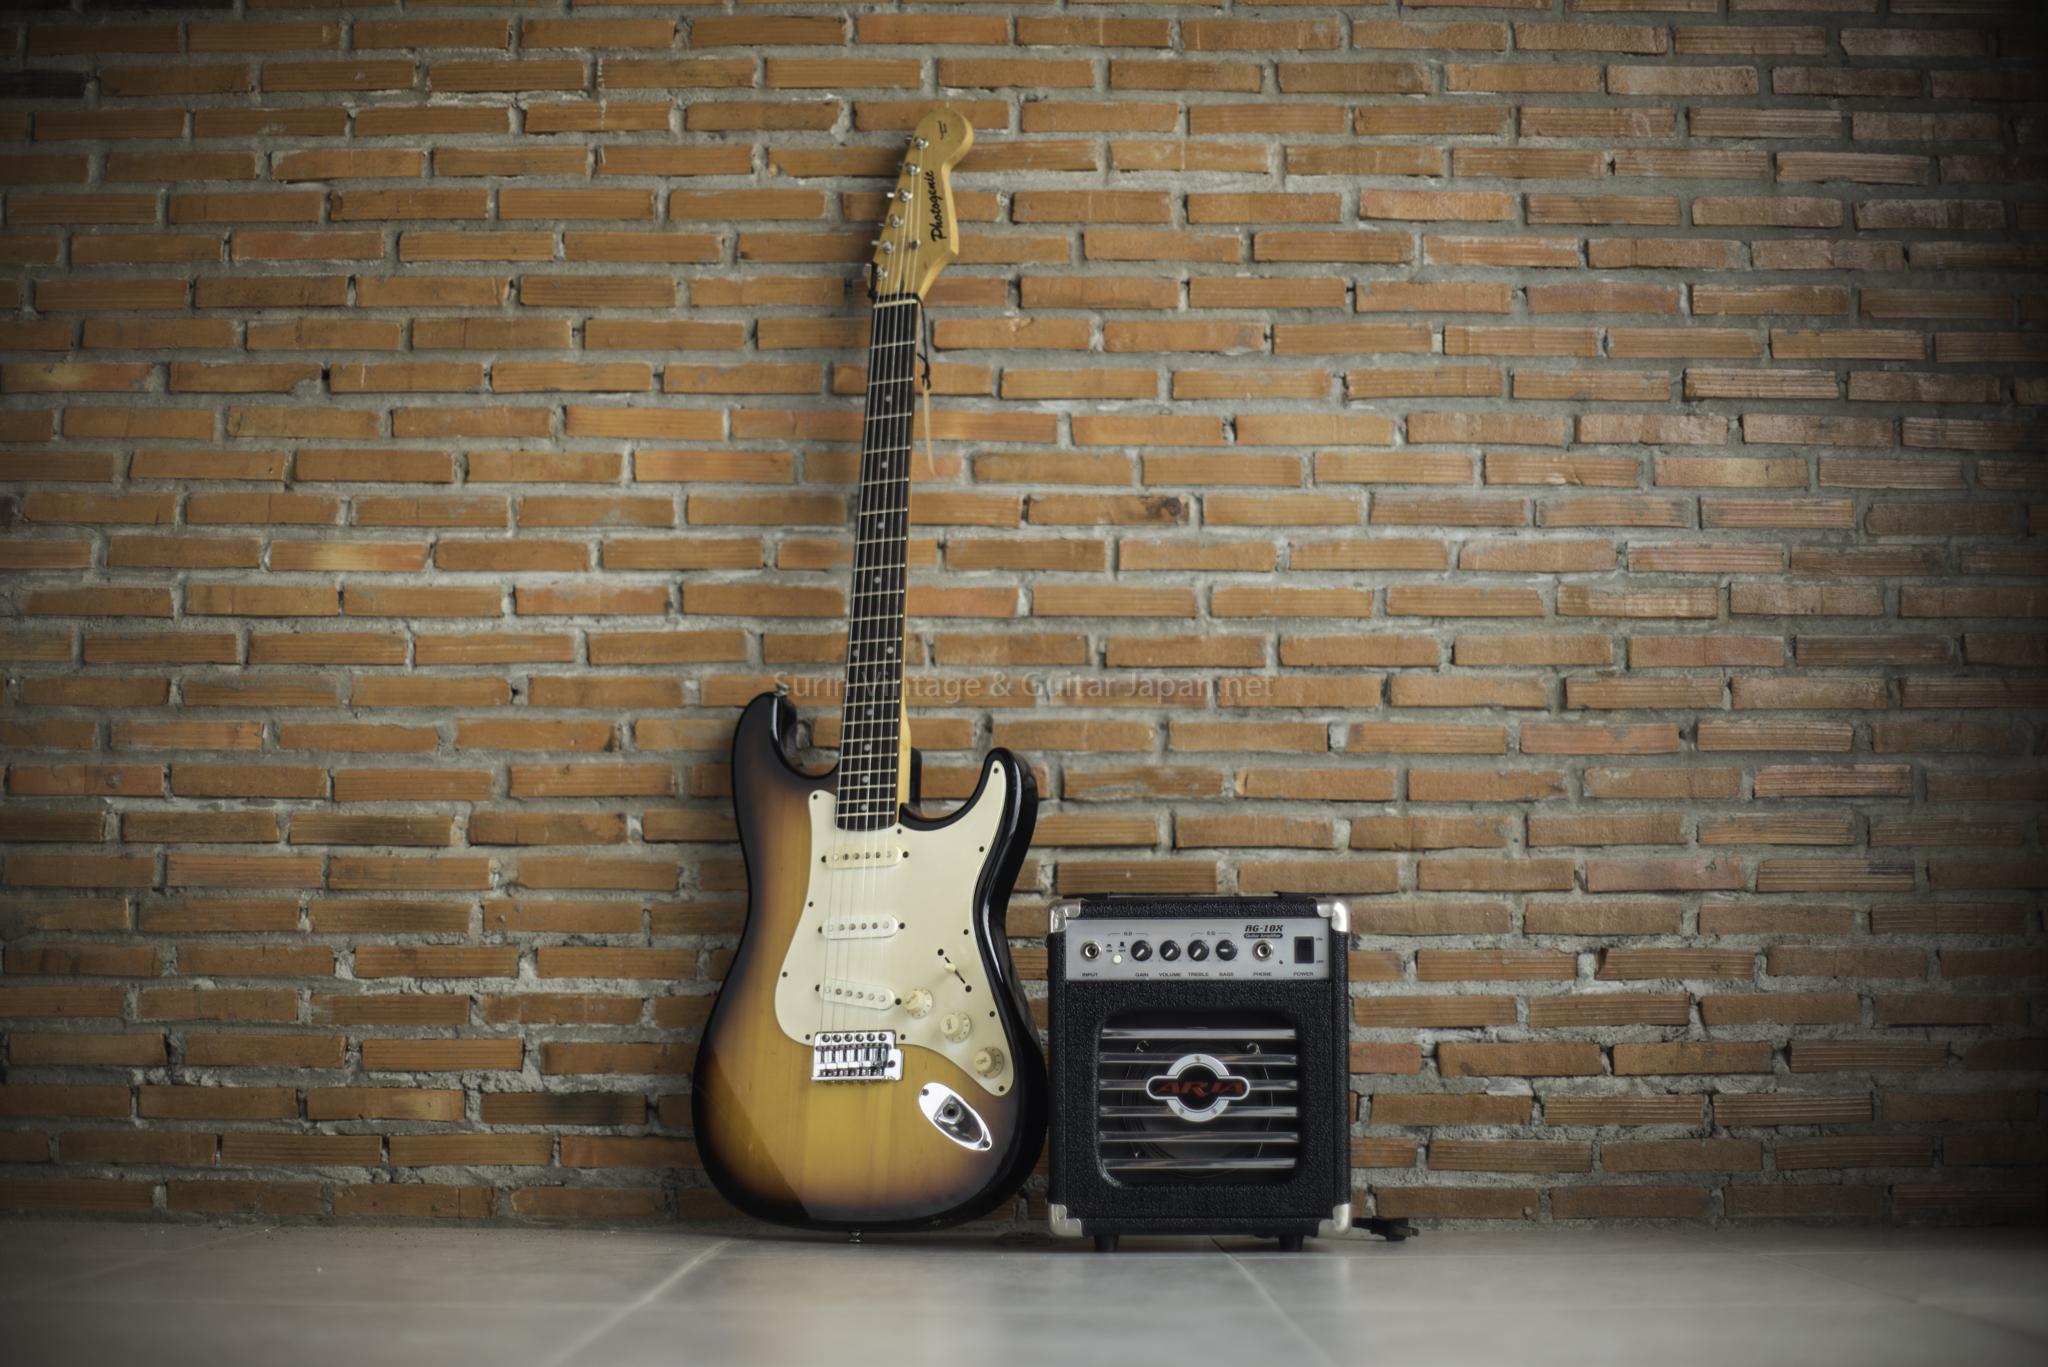 แอมป์กีต้าร์มือสอง ARIA AG-10X No.1 Guitar Amp